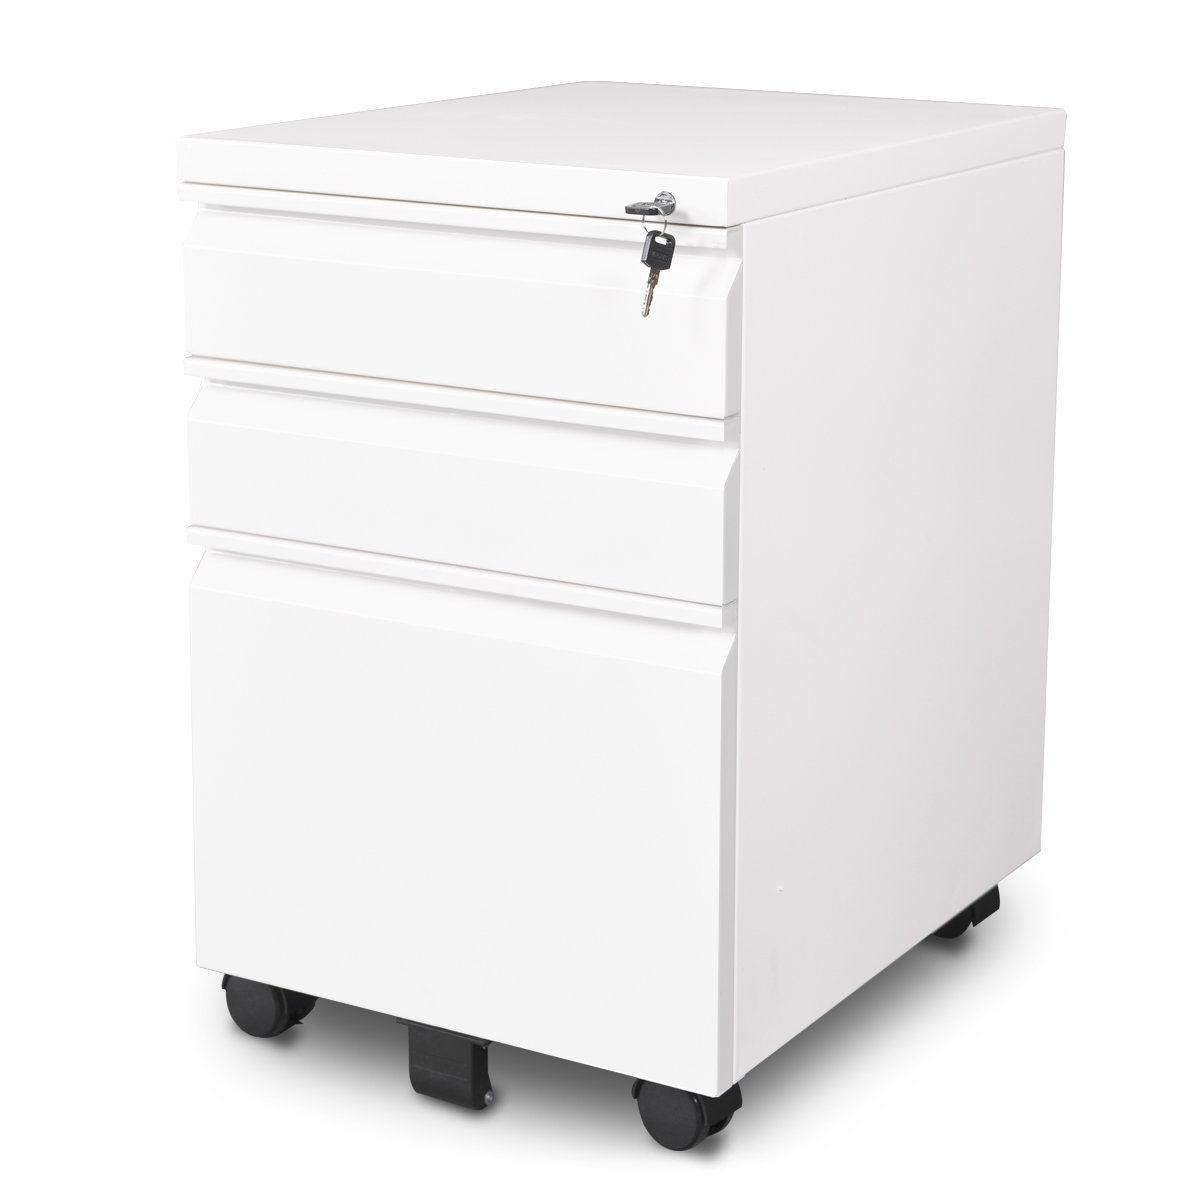 amazon : devaise 3-drawer file cabinet steel moblie storage